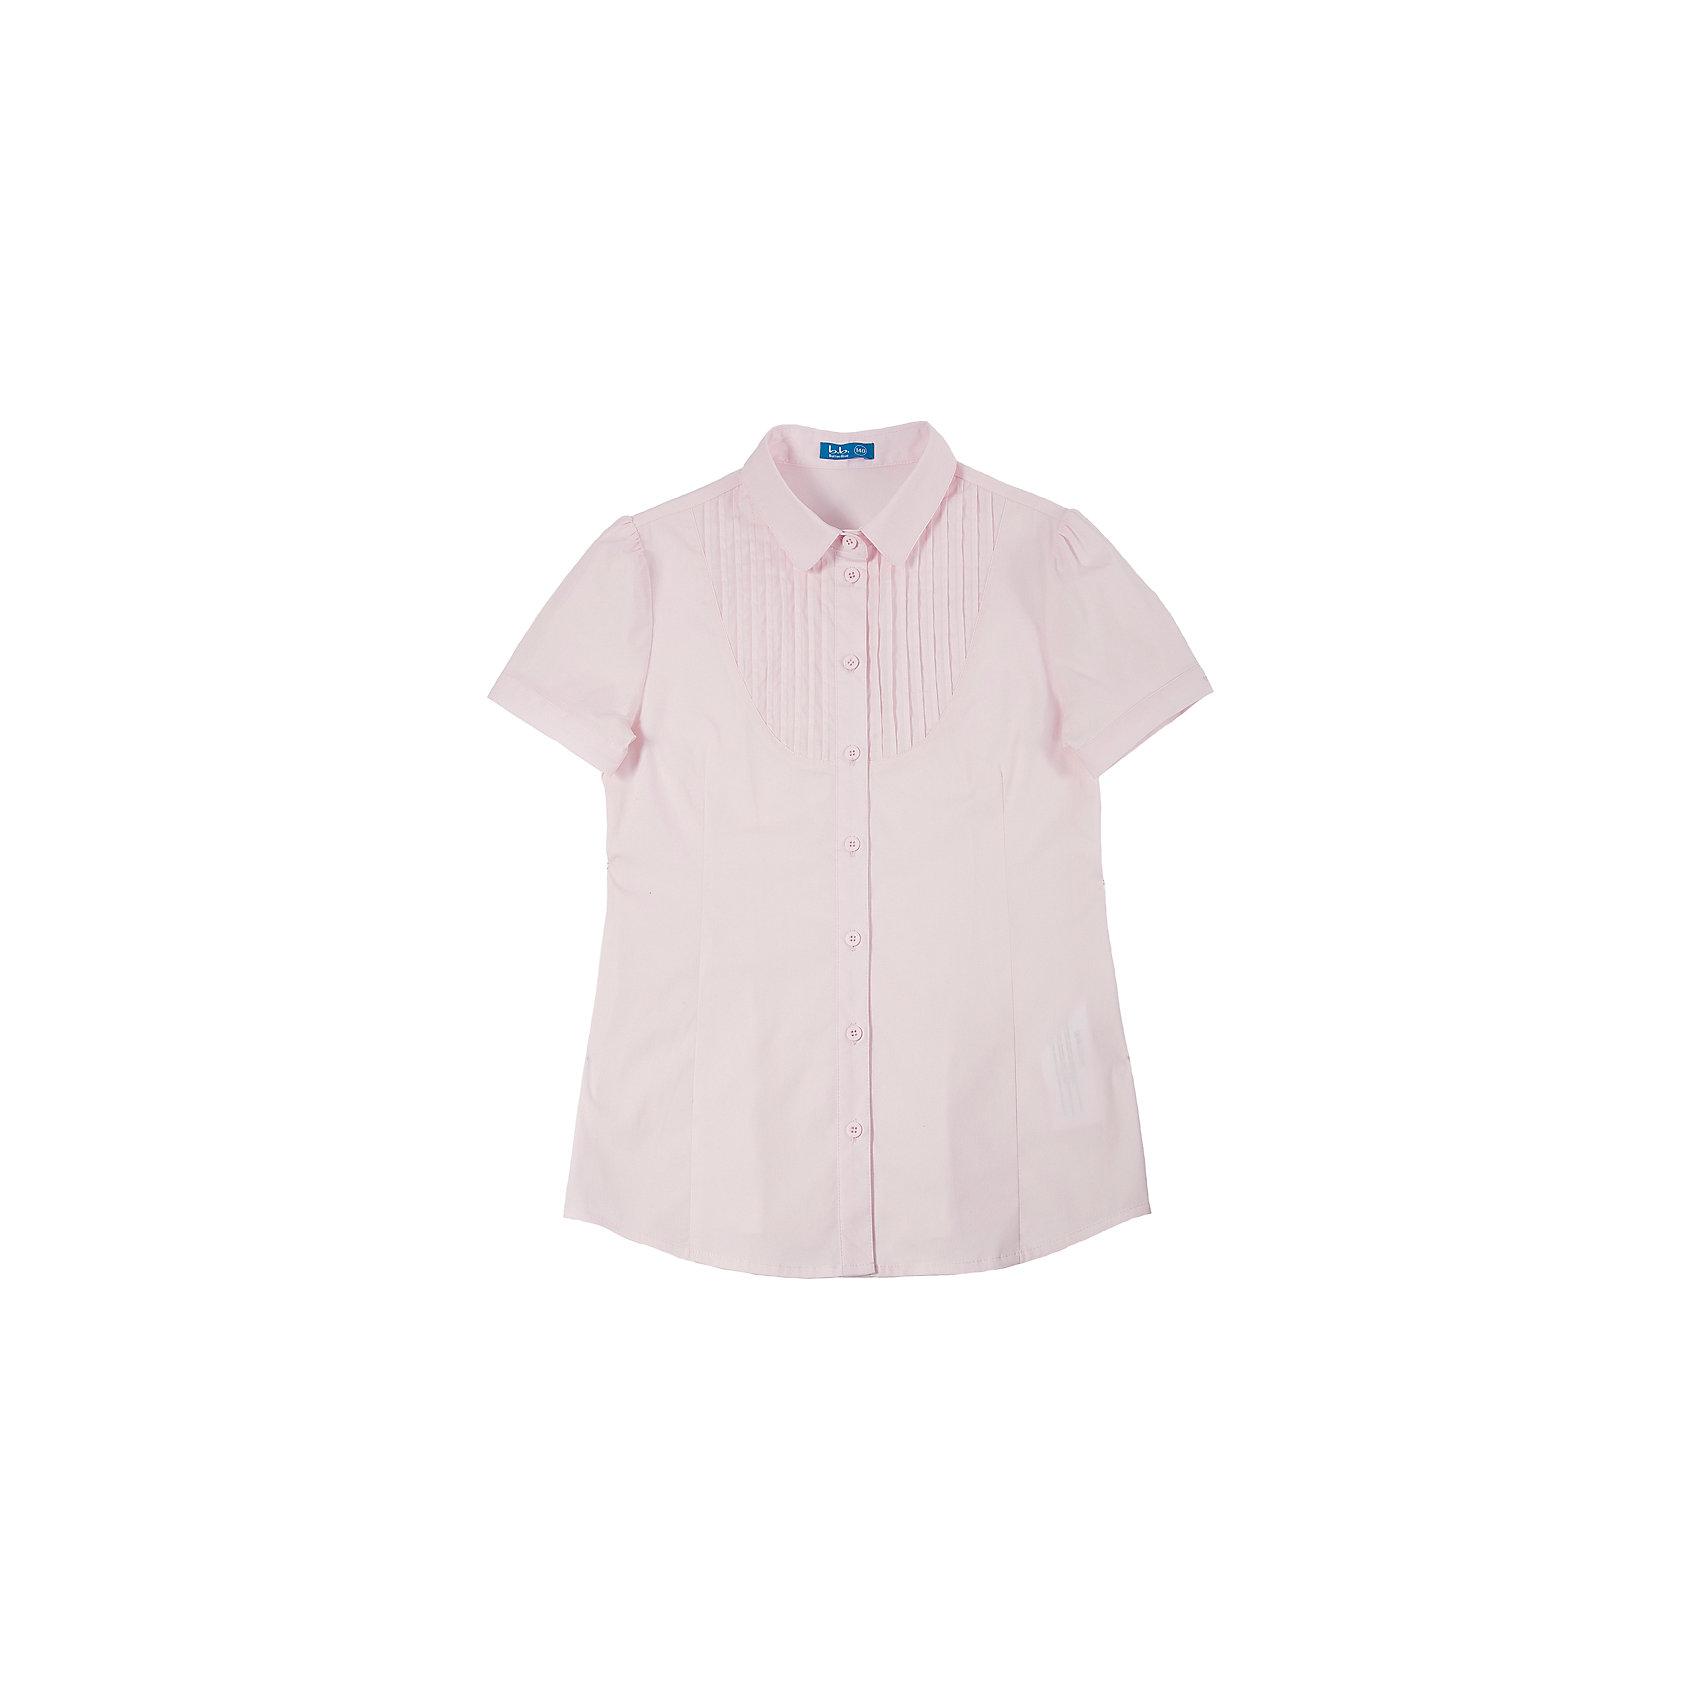 Блузка для девочки Button BlueБлузки и рубашки<br>Светлая блузка с коротким рукавом - удачное решение для жарких школьных классов! Блузку украшает оригинальная  кокетка с защипами и интересная конструкция рукава с тонким манжетом и застежкой на пуговицу.<br>Состав:<br>62% хлопок,  35%нейлон,                3% эластан<br><br>Ширина мм: 186<br>Глубина мм: 87<br>Высота мм: 198<br>Вес г: 197<br>Цвет: розовый<br>Возраст от месяцев: 72<br>Возраст до месяцев: 84<br>Пол: Женский<br>Возраст: Детский<br>Размер: 122,152,134,140,158,146,128<br>SKU: 4147340